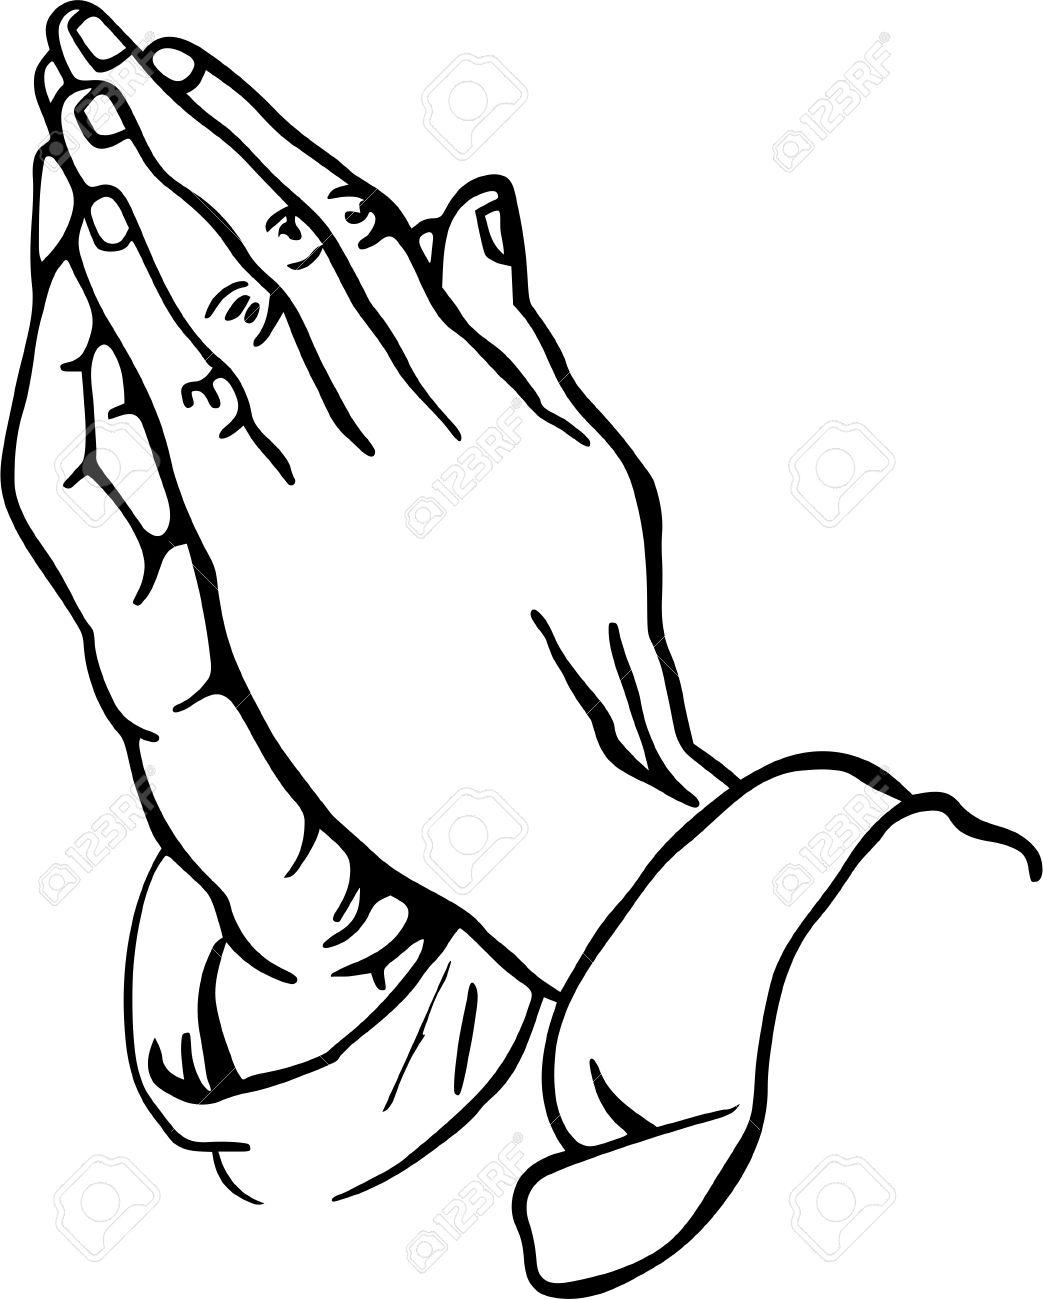 1043x1300 Prayer Hands Clip Art